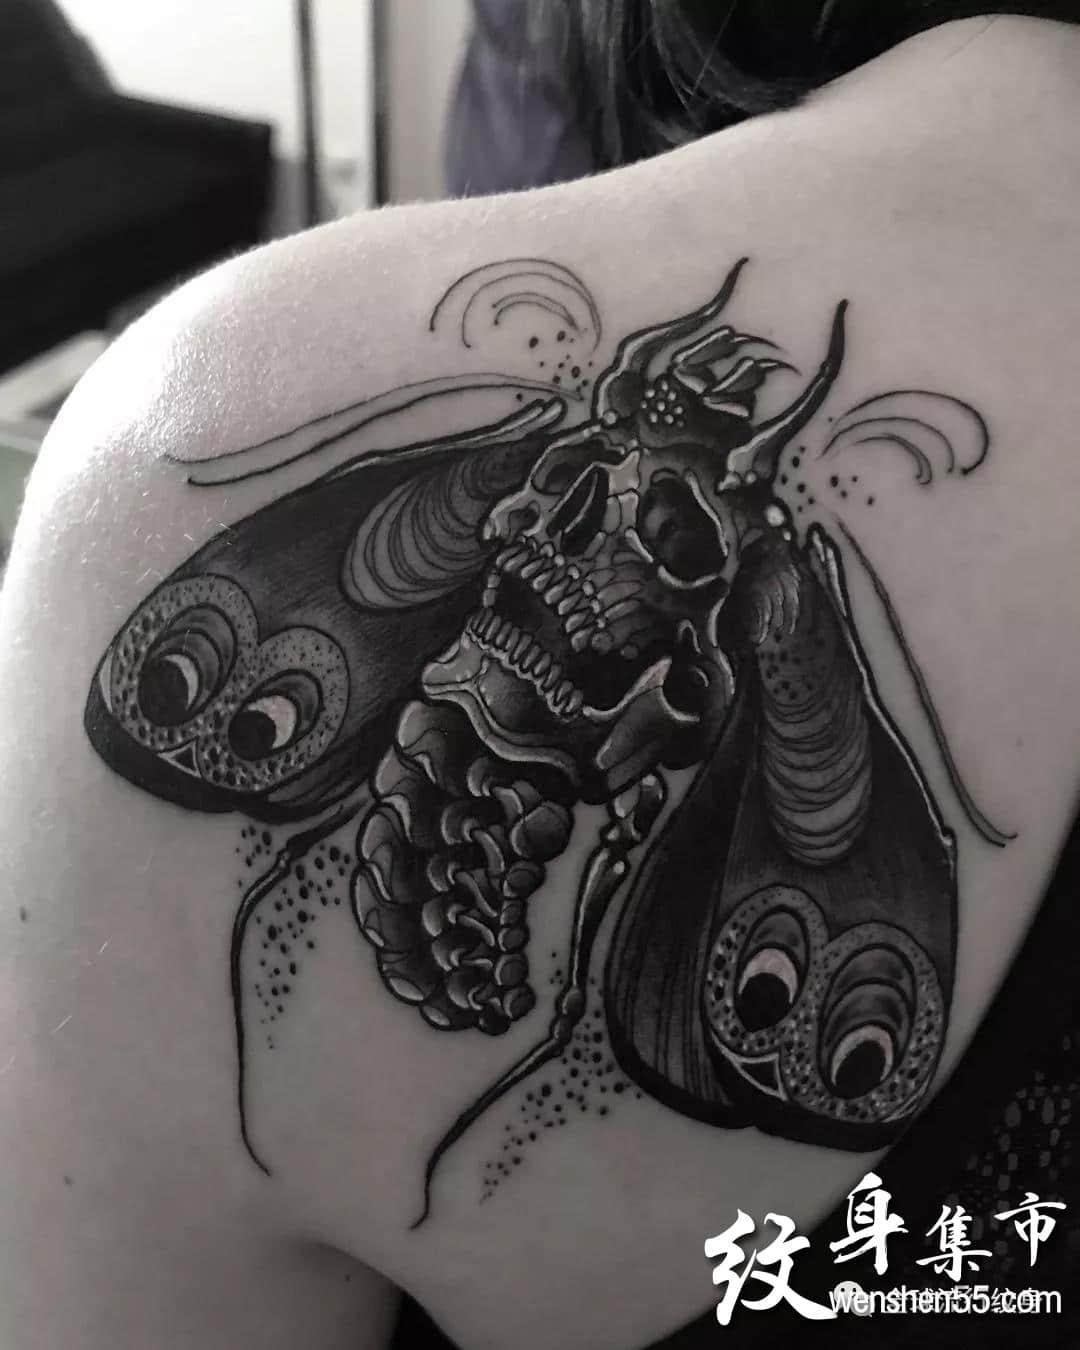 暗黑纹身,暗黑纹身手稿,暗黑纹身手稿图案大全